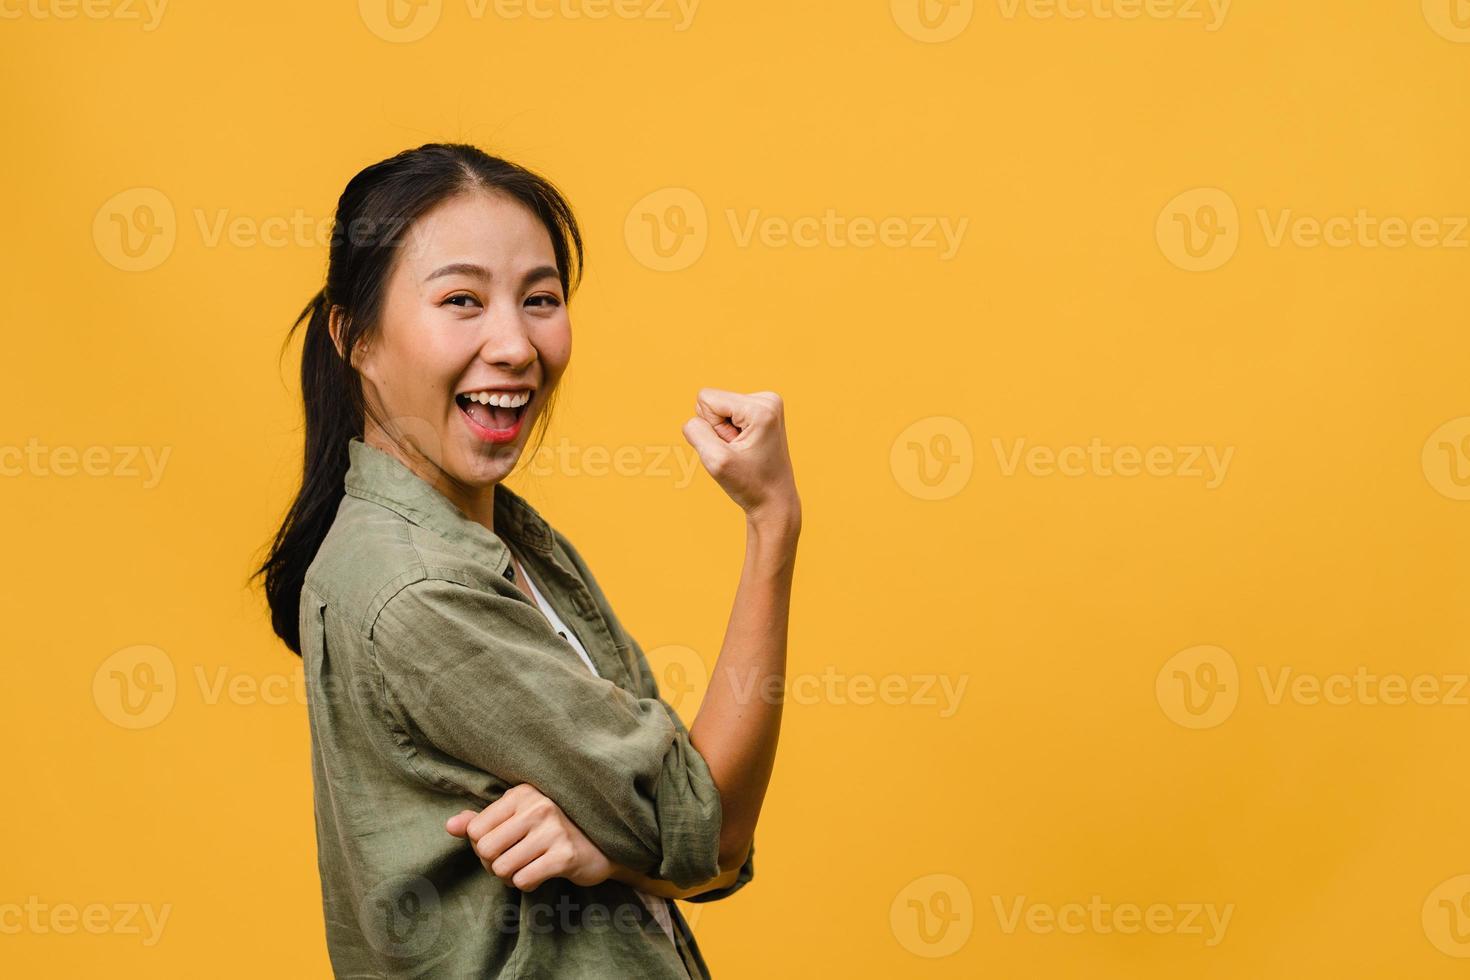 junge asiatische dame mit positivem ausdruck, fröhlich und aufregend, in lässigem tuch gekleidet und blick in die kamera auf gelbem hintergrund. glückliche entzückende frohe frau freut sich über erfolg. Gesichtsausdruck Konzept. foto